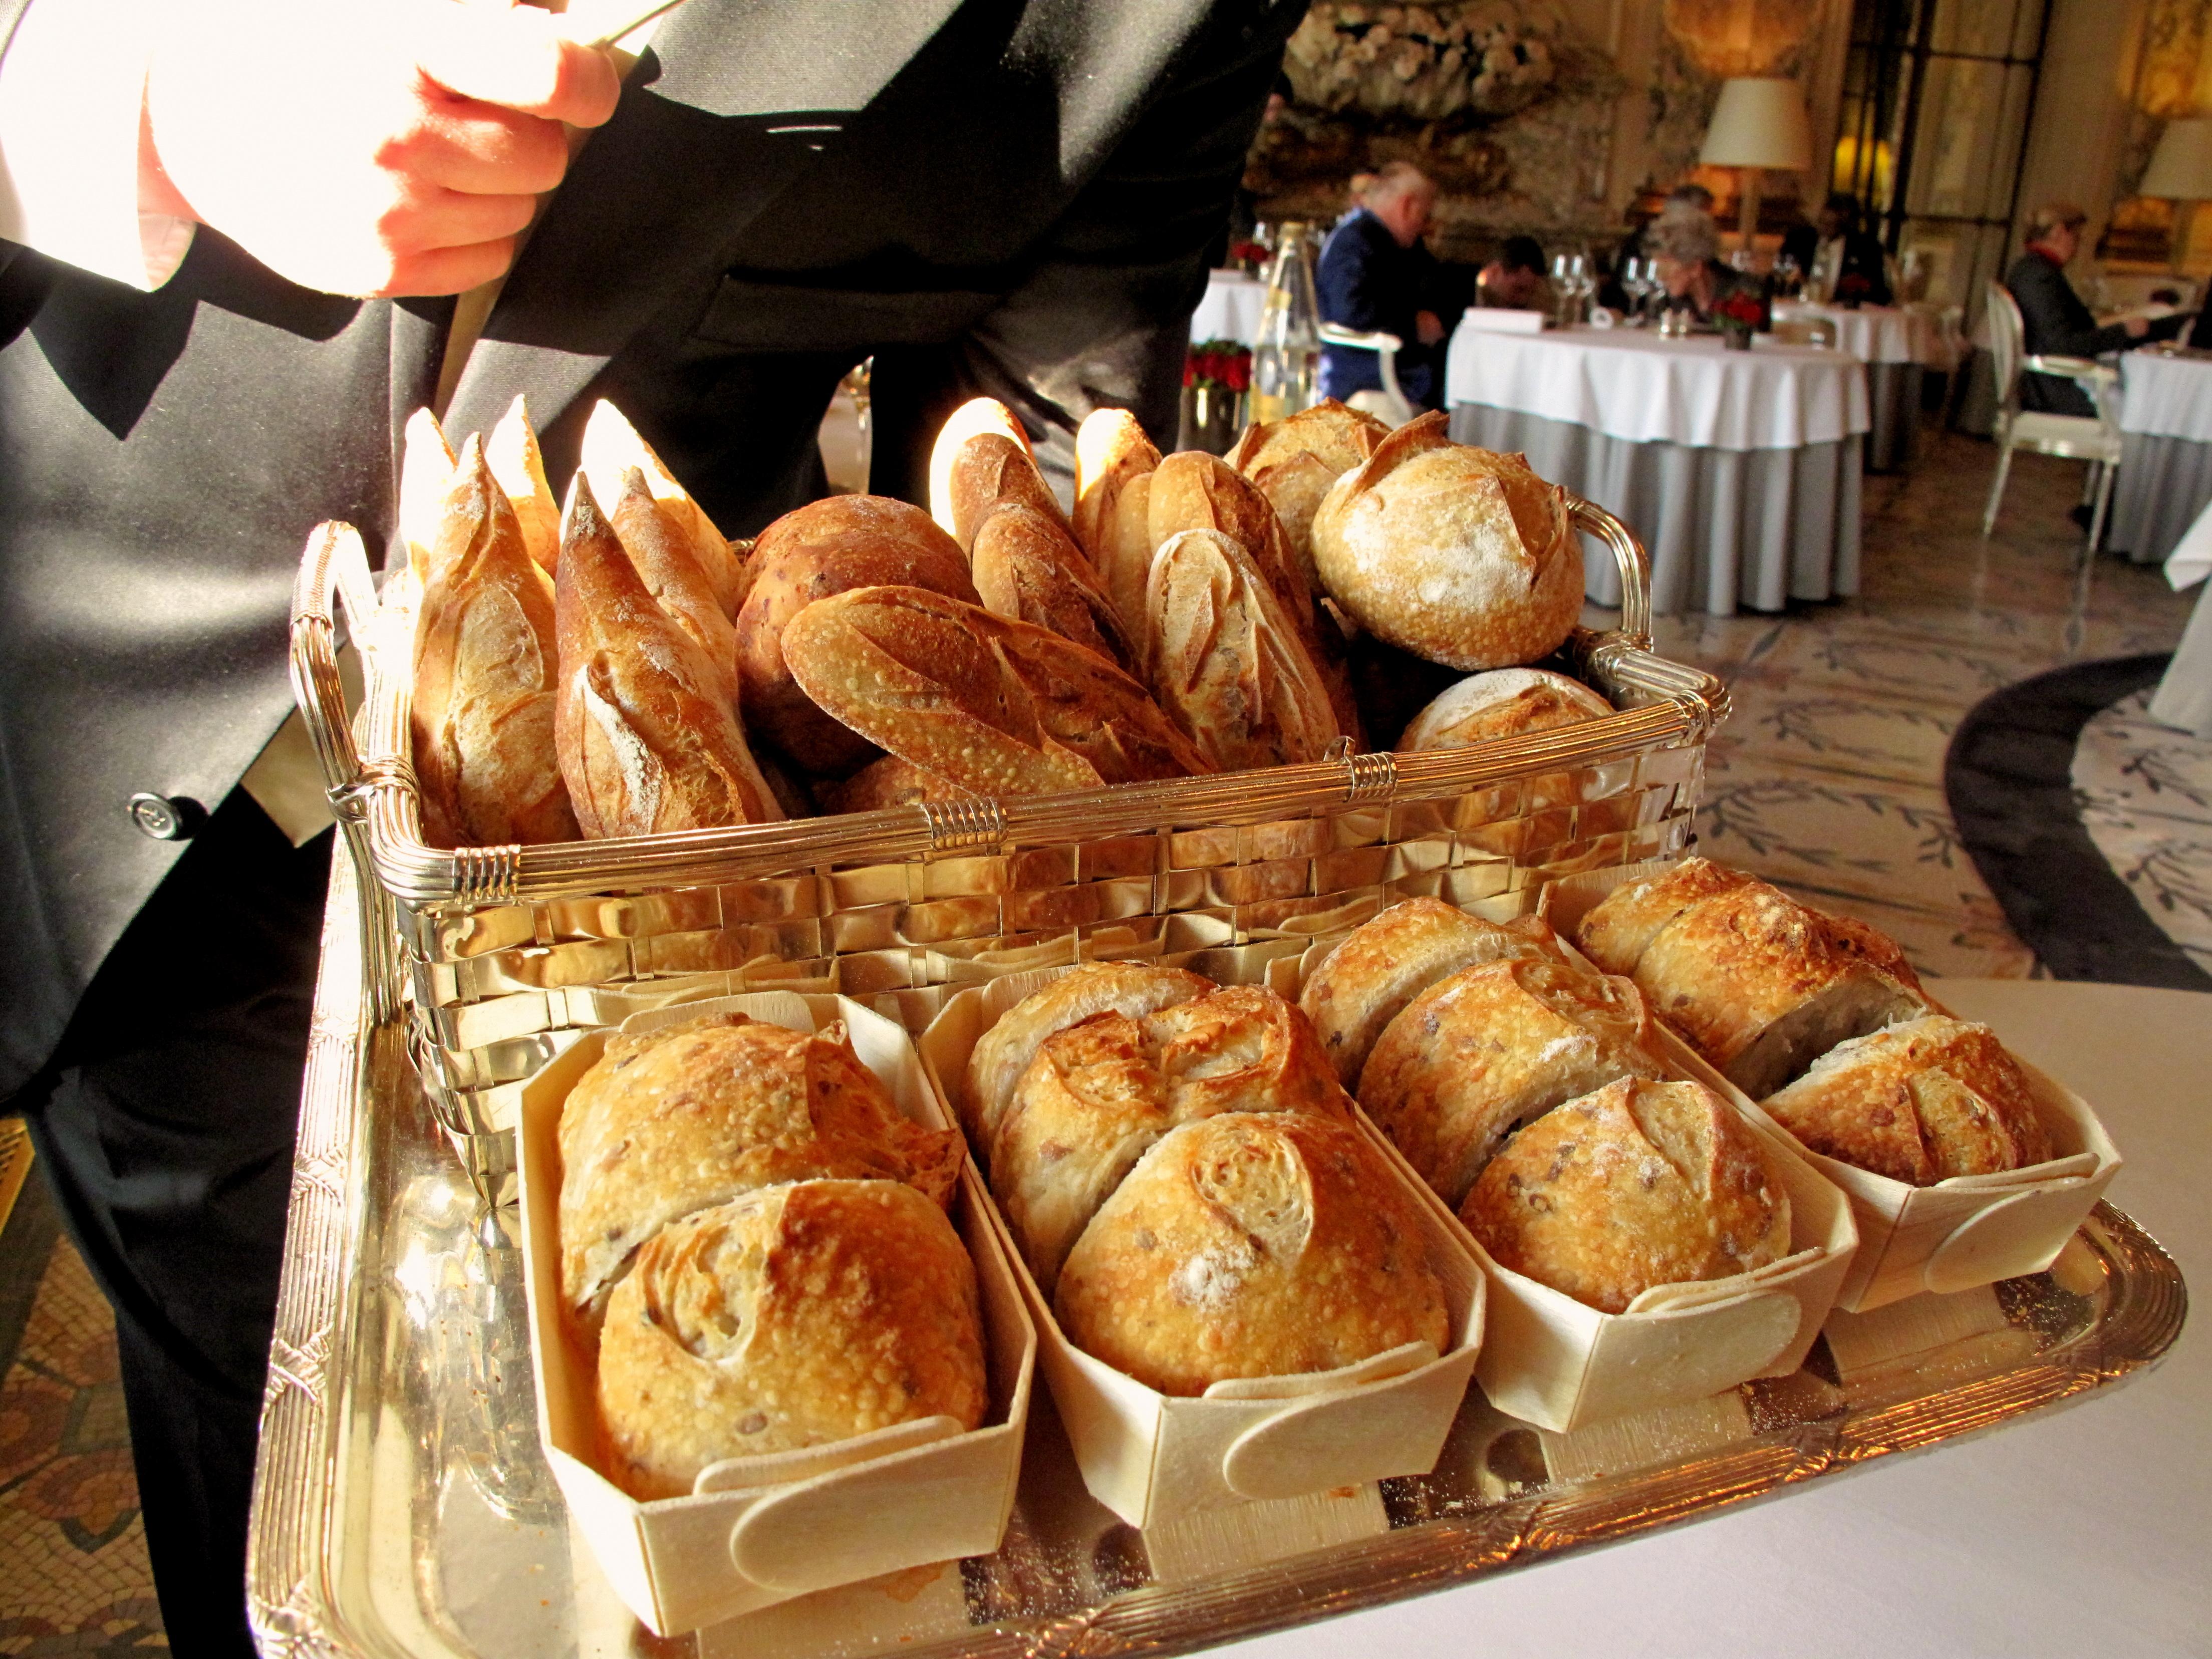 Food Truck Paris Burrata